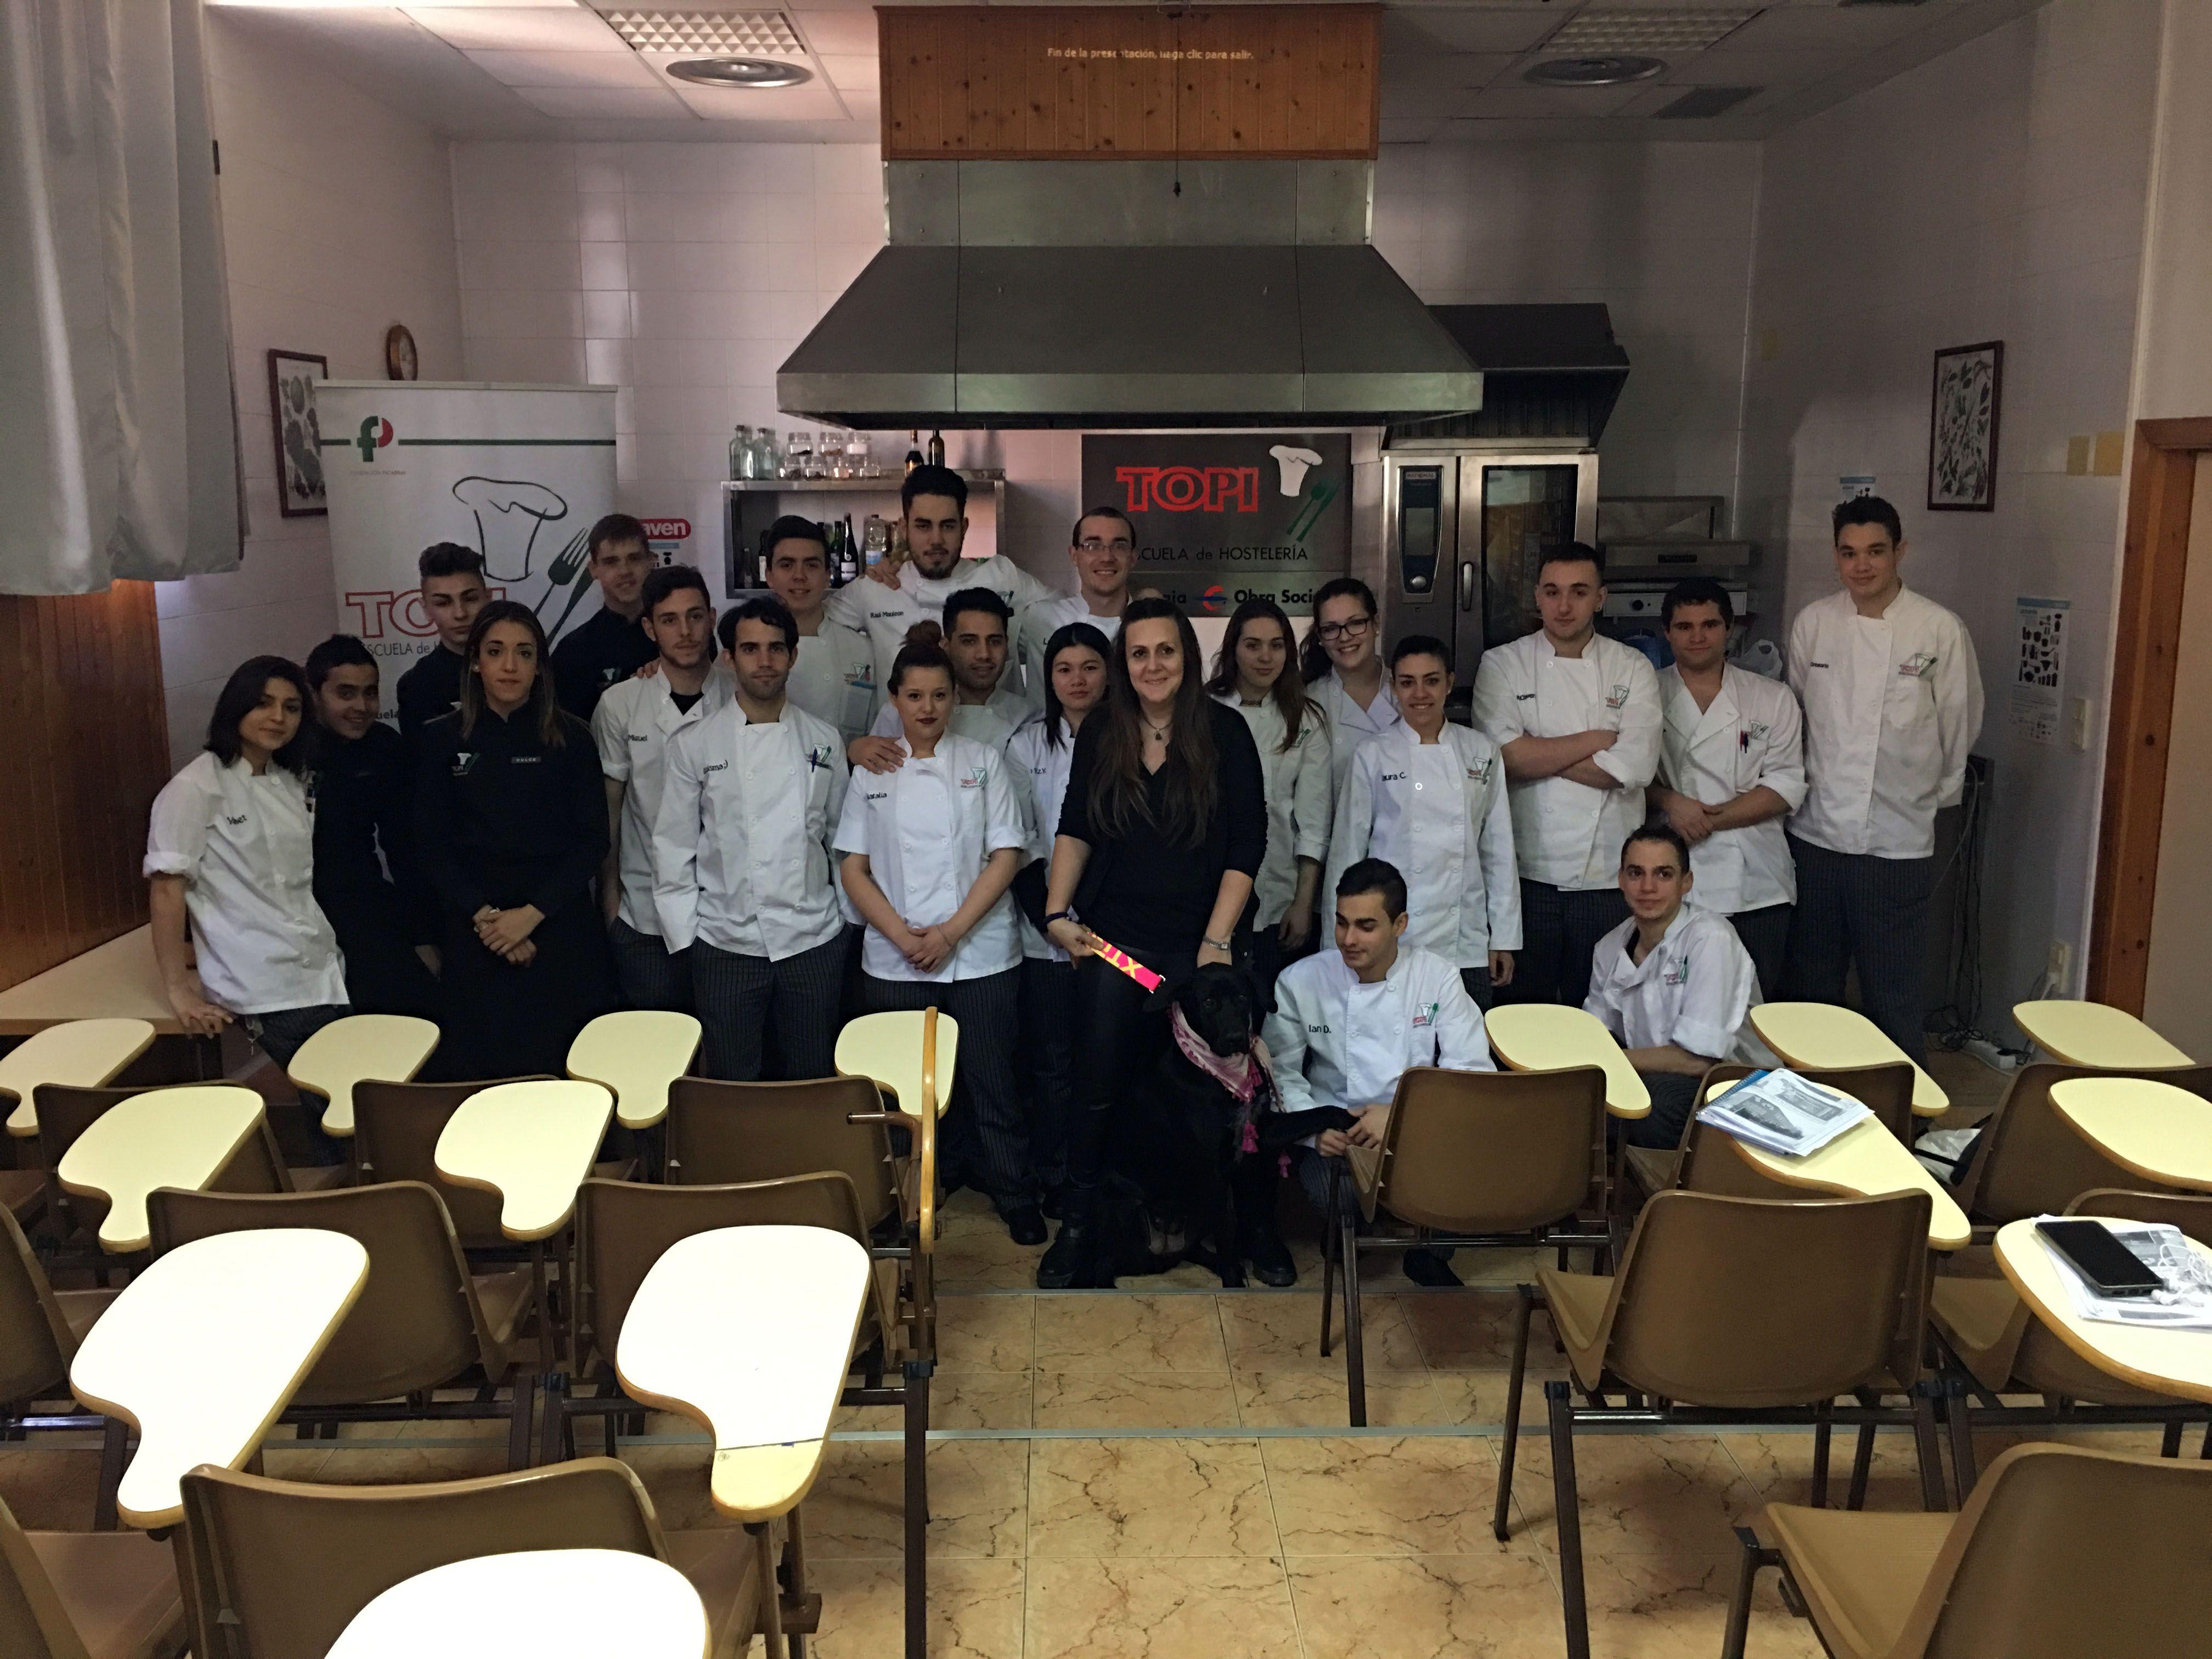 """Las principales escuelas de hostelería de Zaragoza aseguran que es """"imprescindible"""" impulsar el conocimiento de la tuber melanosporum desde los primeros años de formación"""